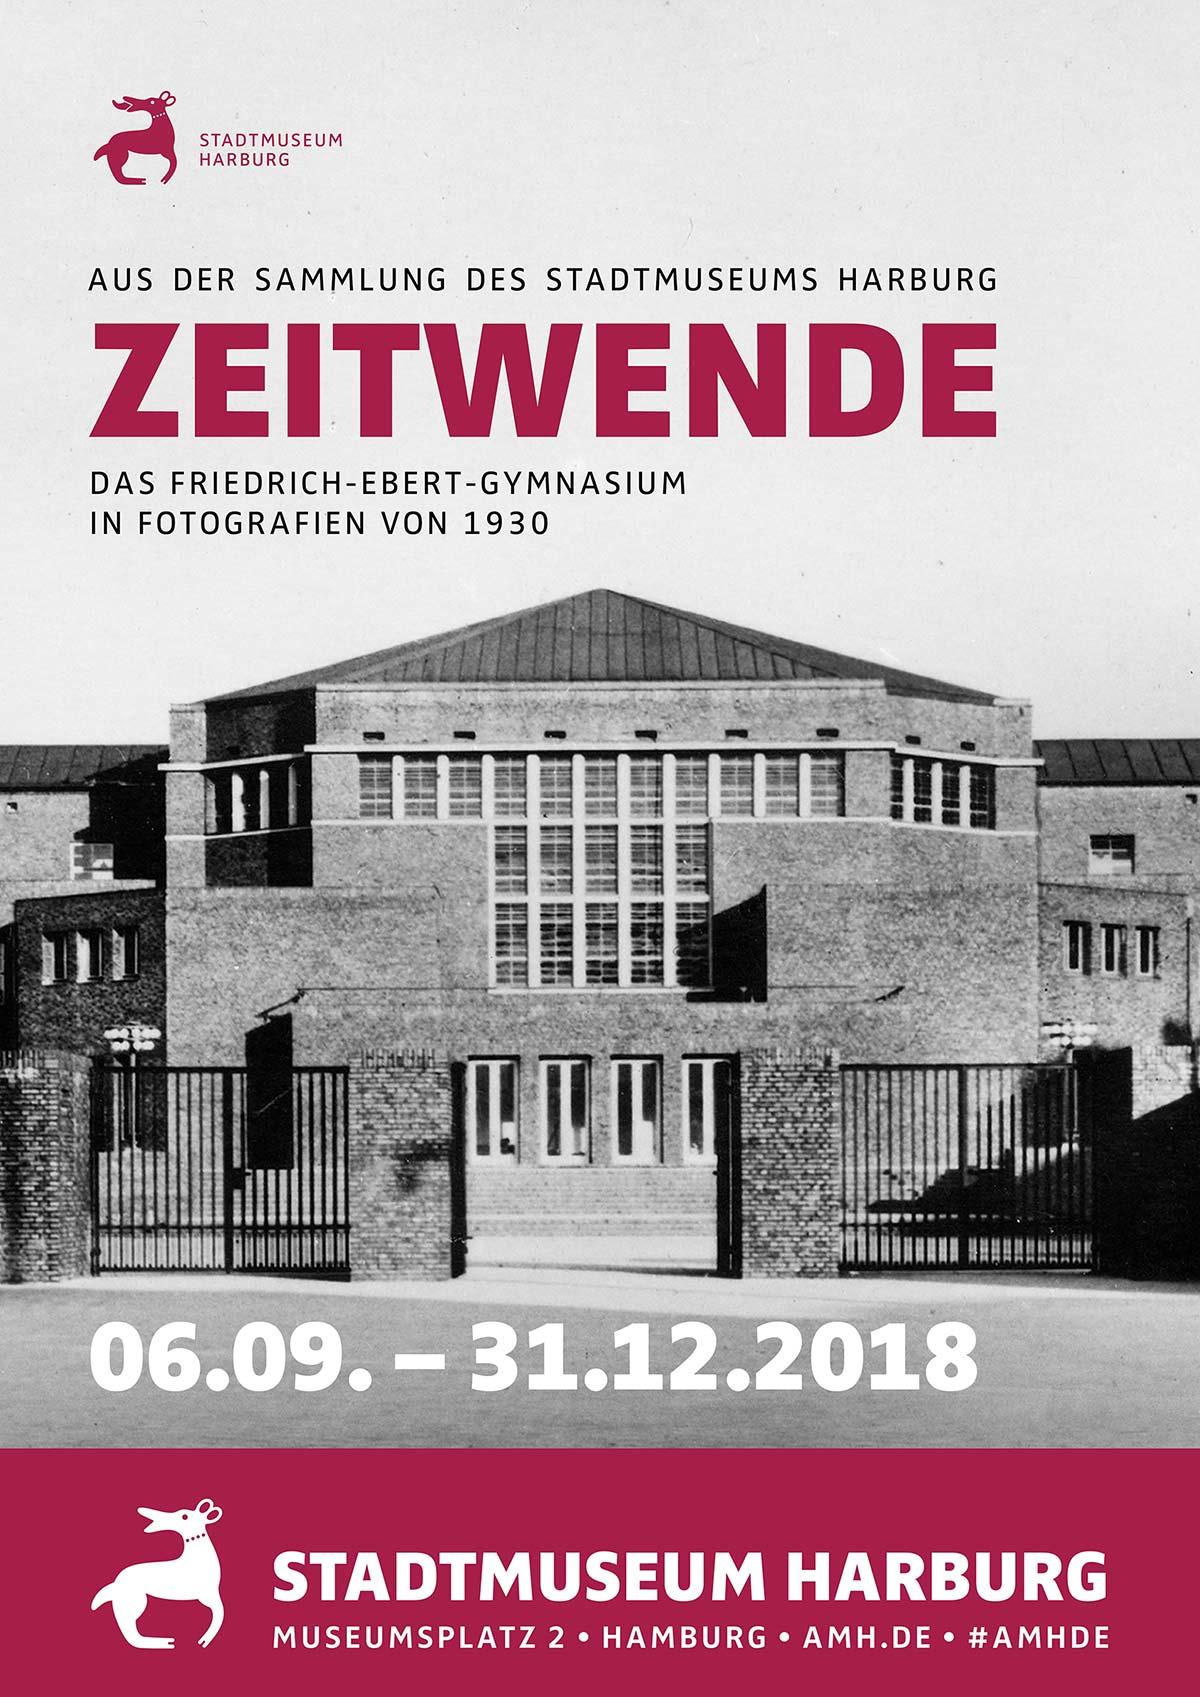 Plakat für die Ausstellung Zeitwende im Friedrich Ebert Gymnasium | Stadtmuseum Harburg